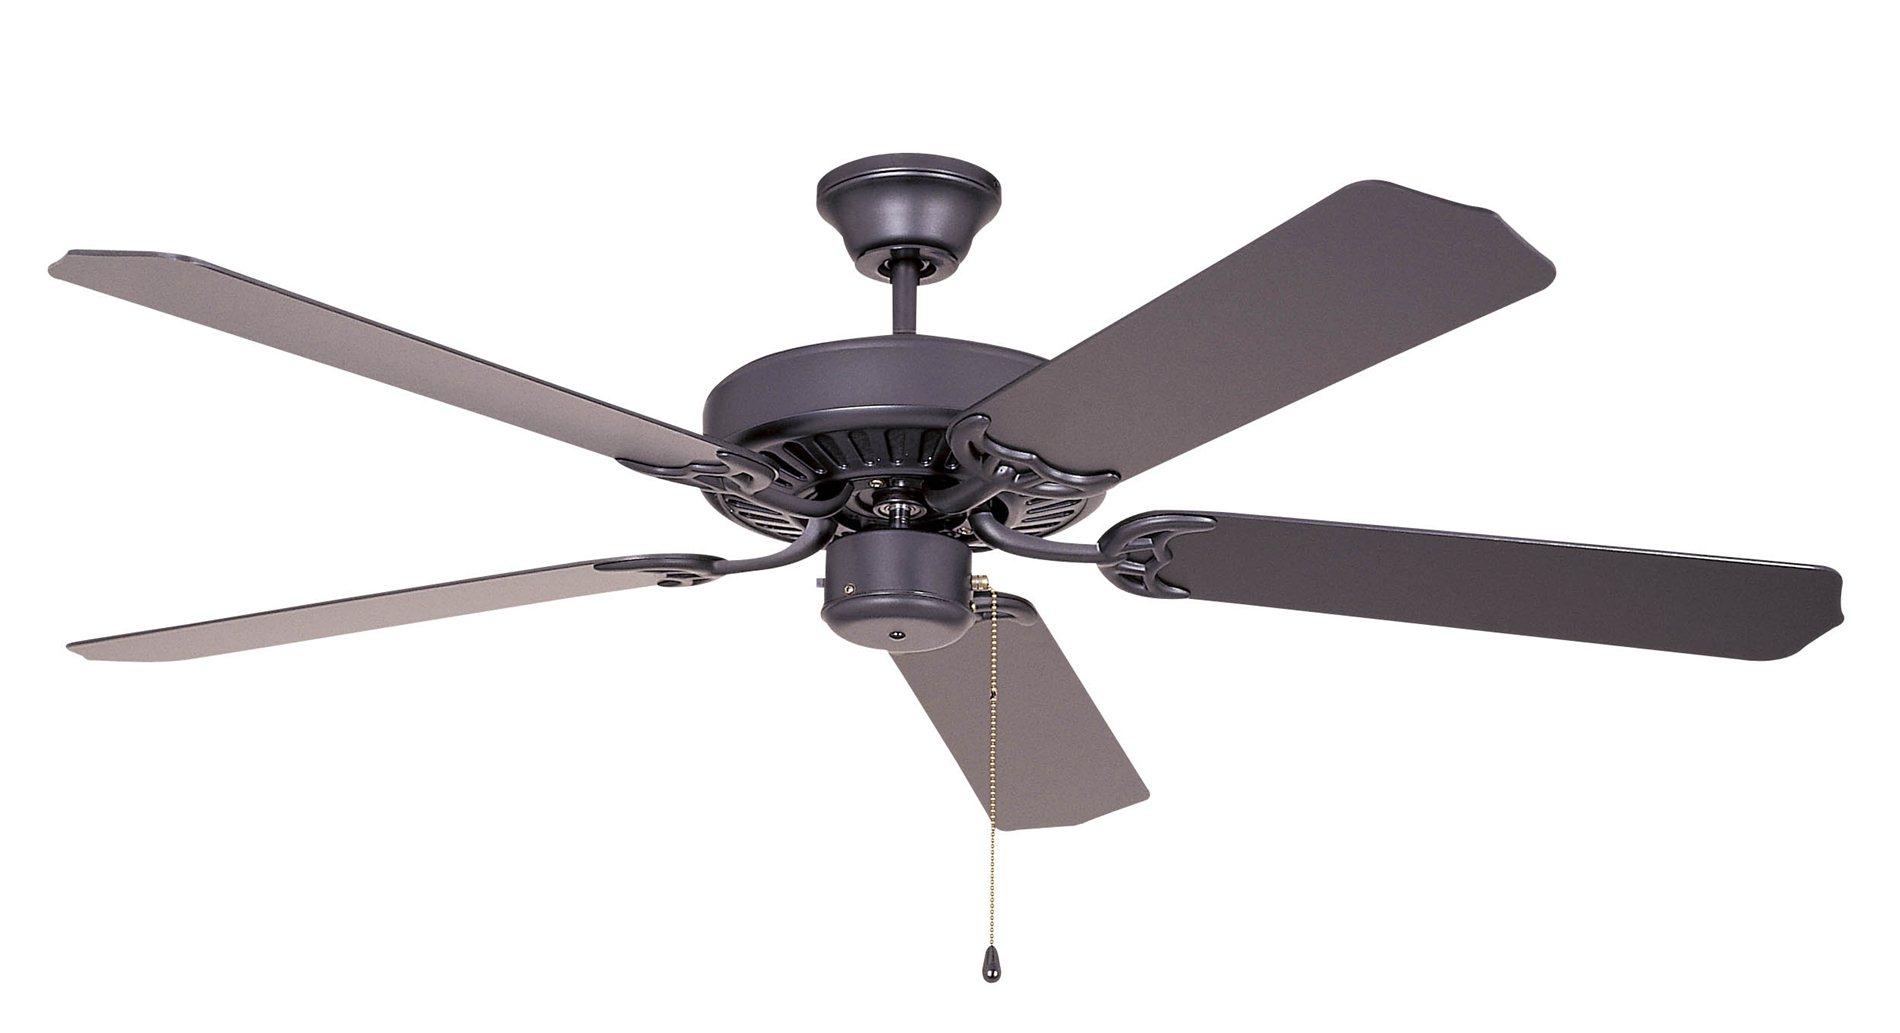 litex com dp ceiling fan manor ellington amazon fans